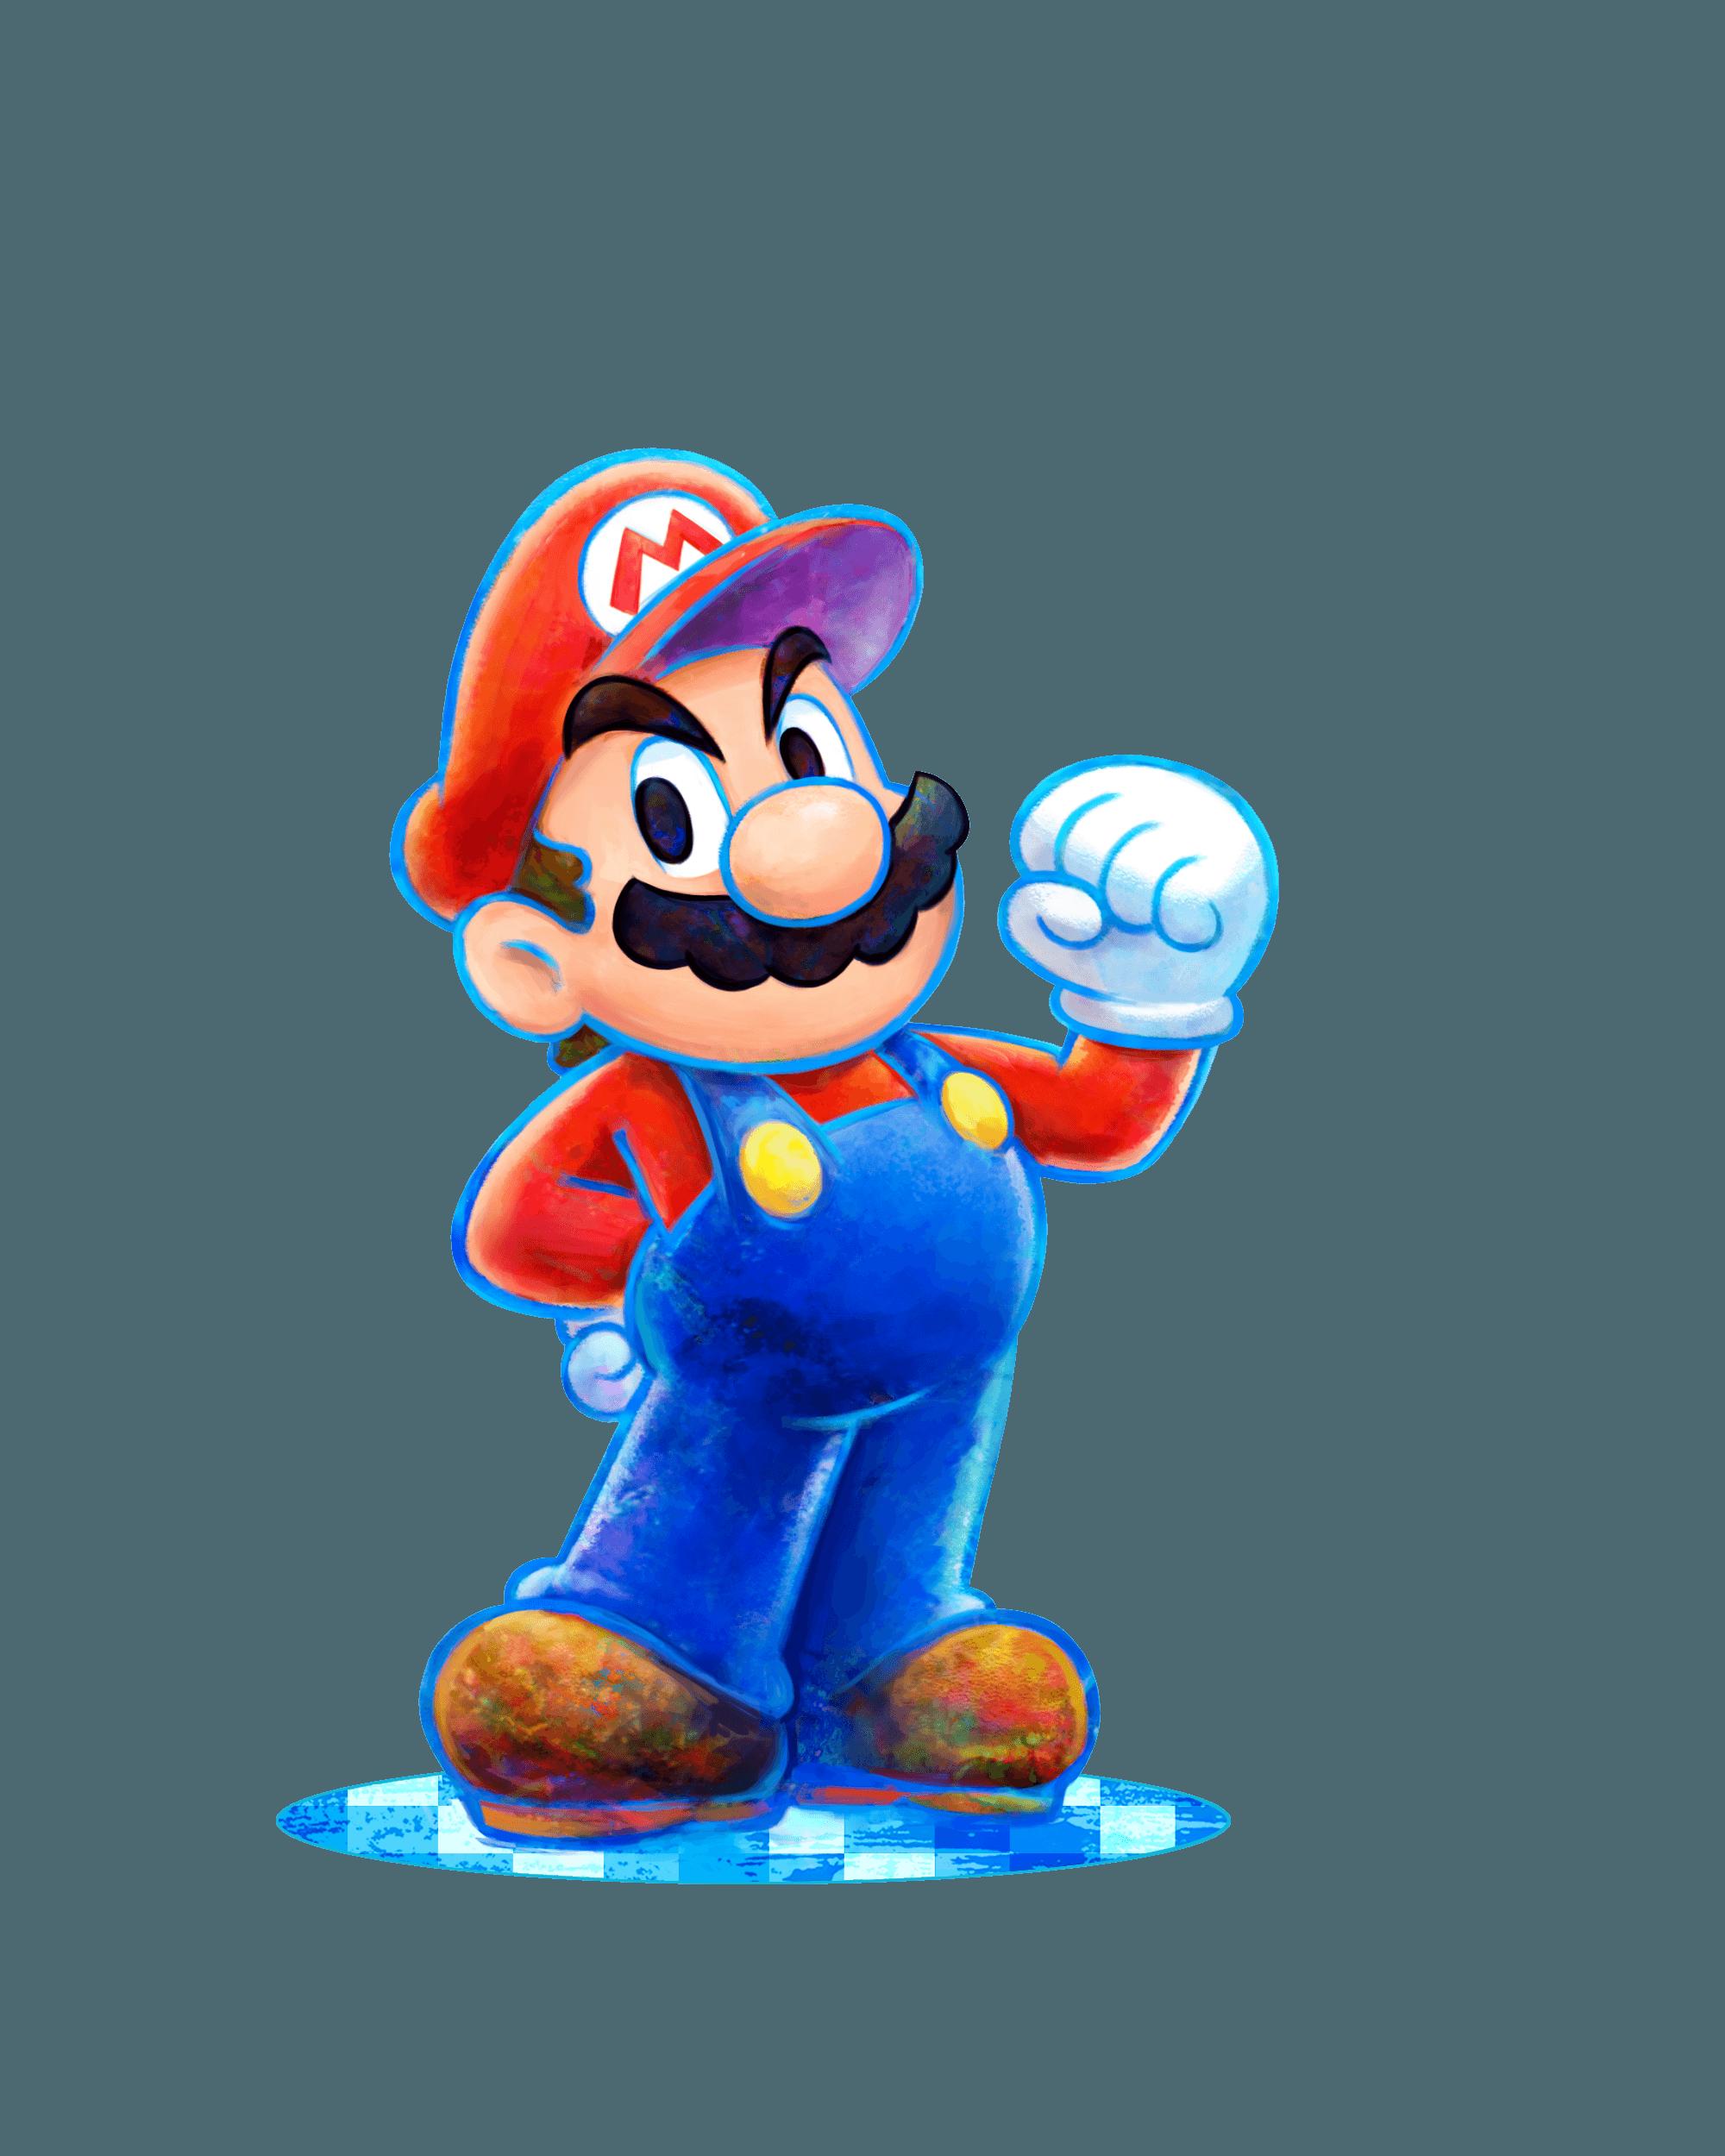 Mario Luigi Dream Team 3ds Artwork